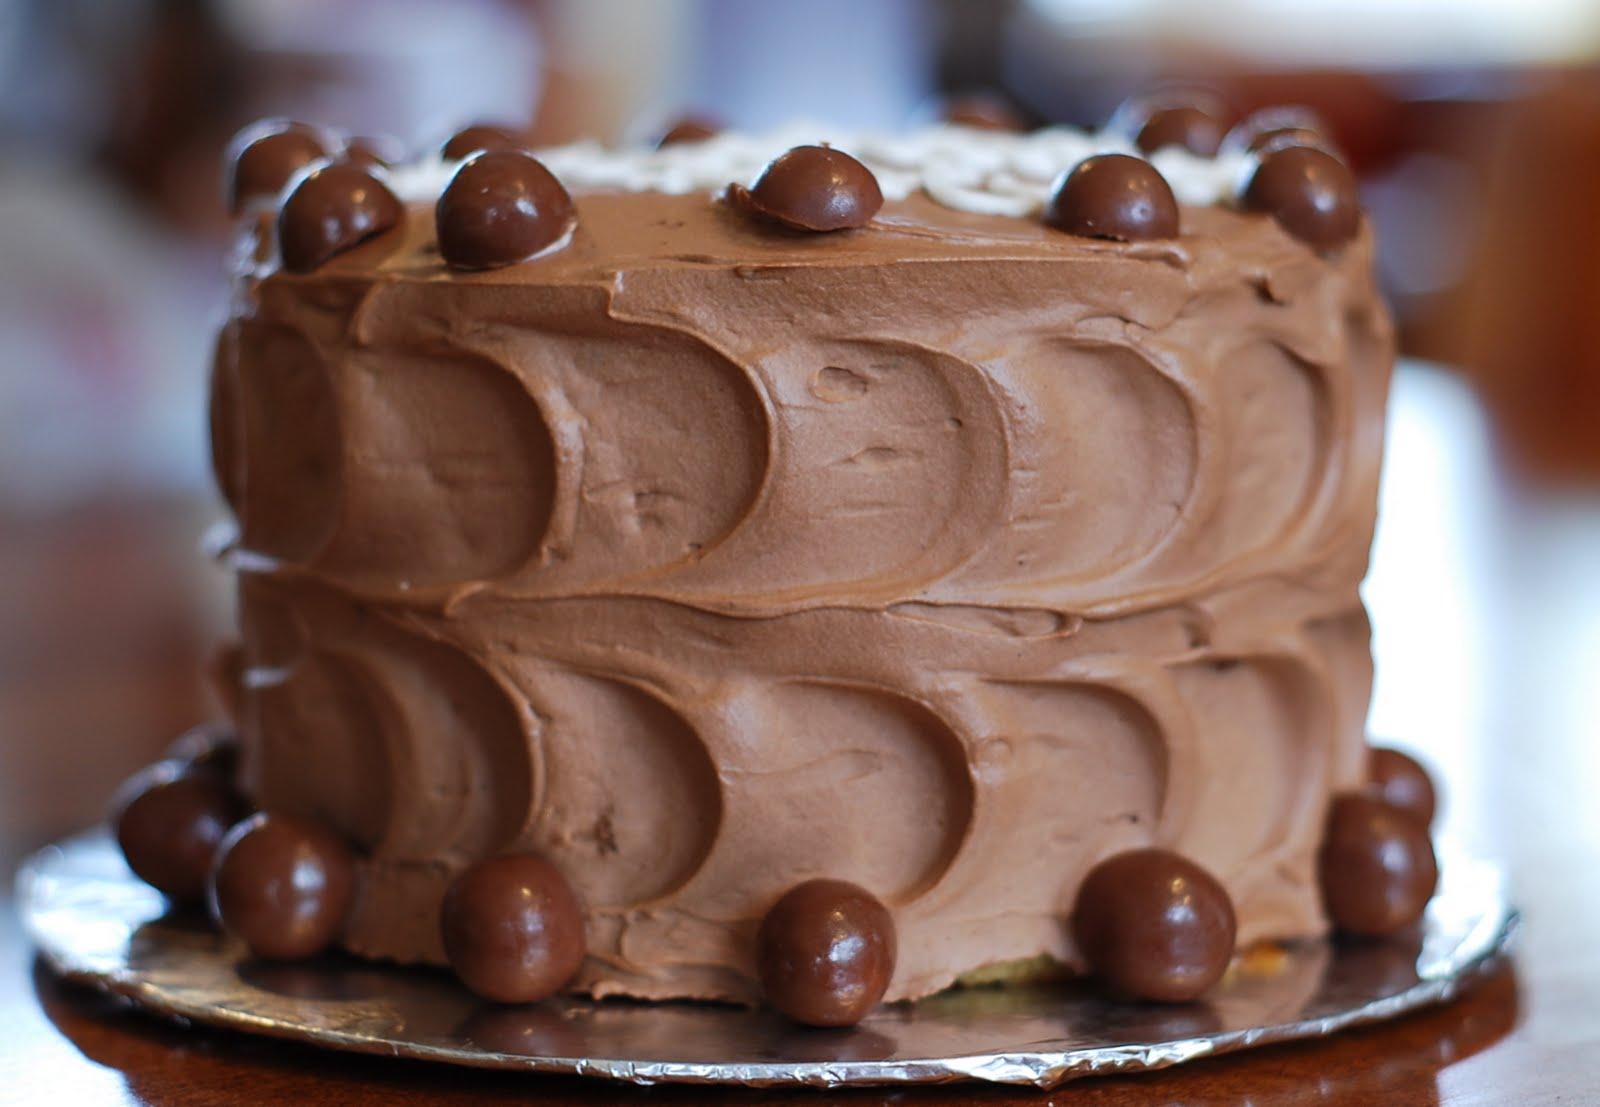 Шоколадный торт своими руками в домашних условиях фото 66